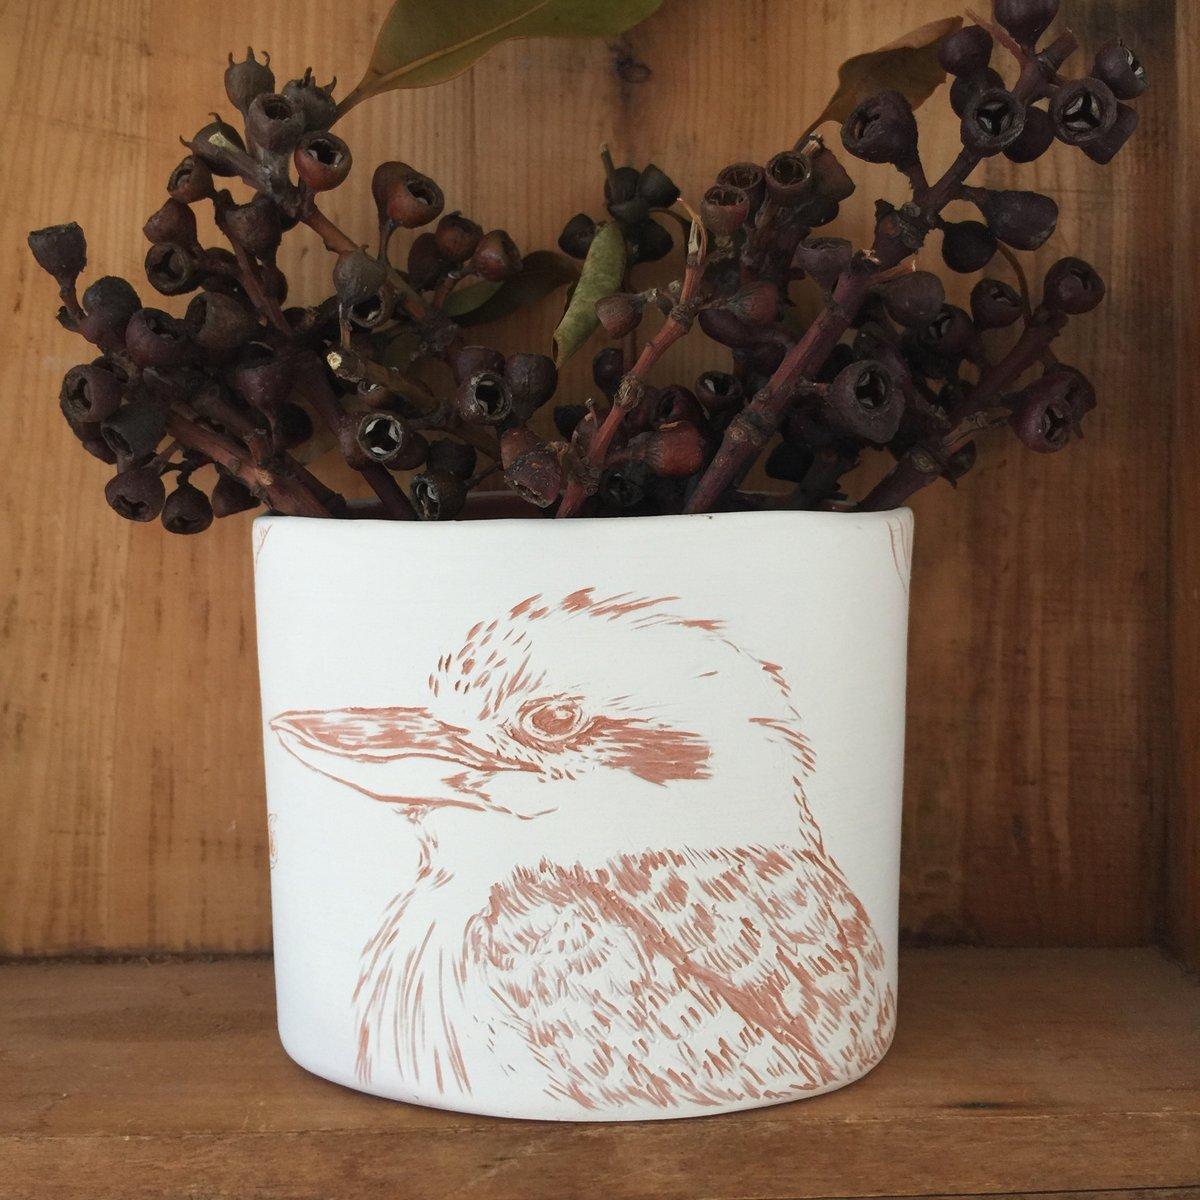 Image of Kookaburra Vase